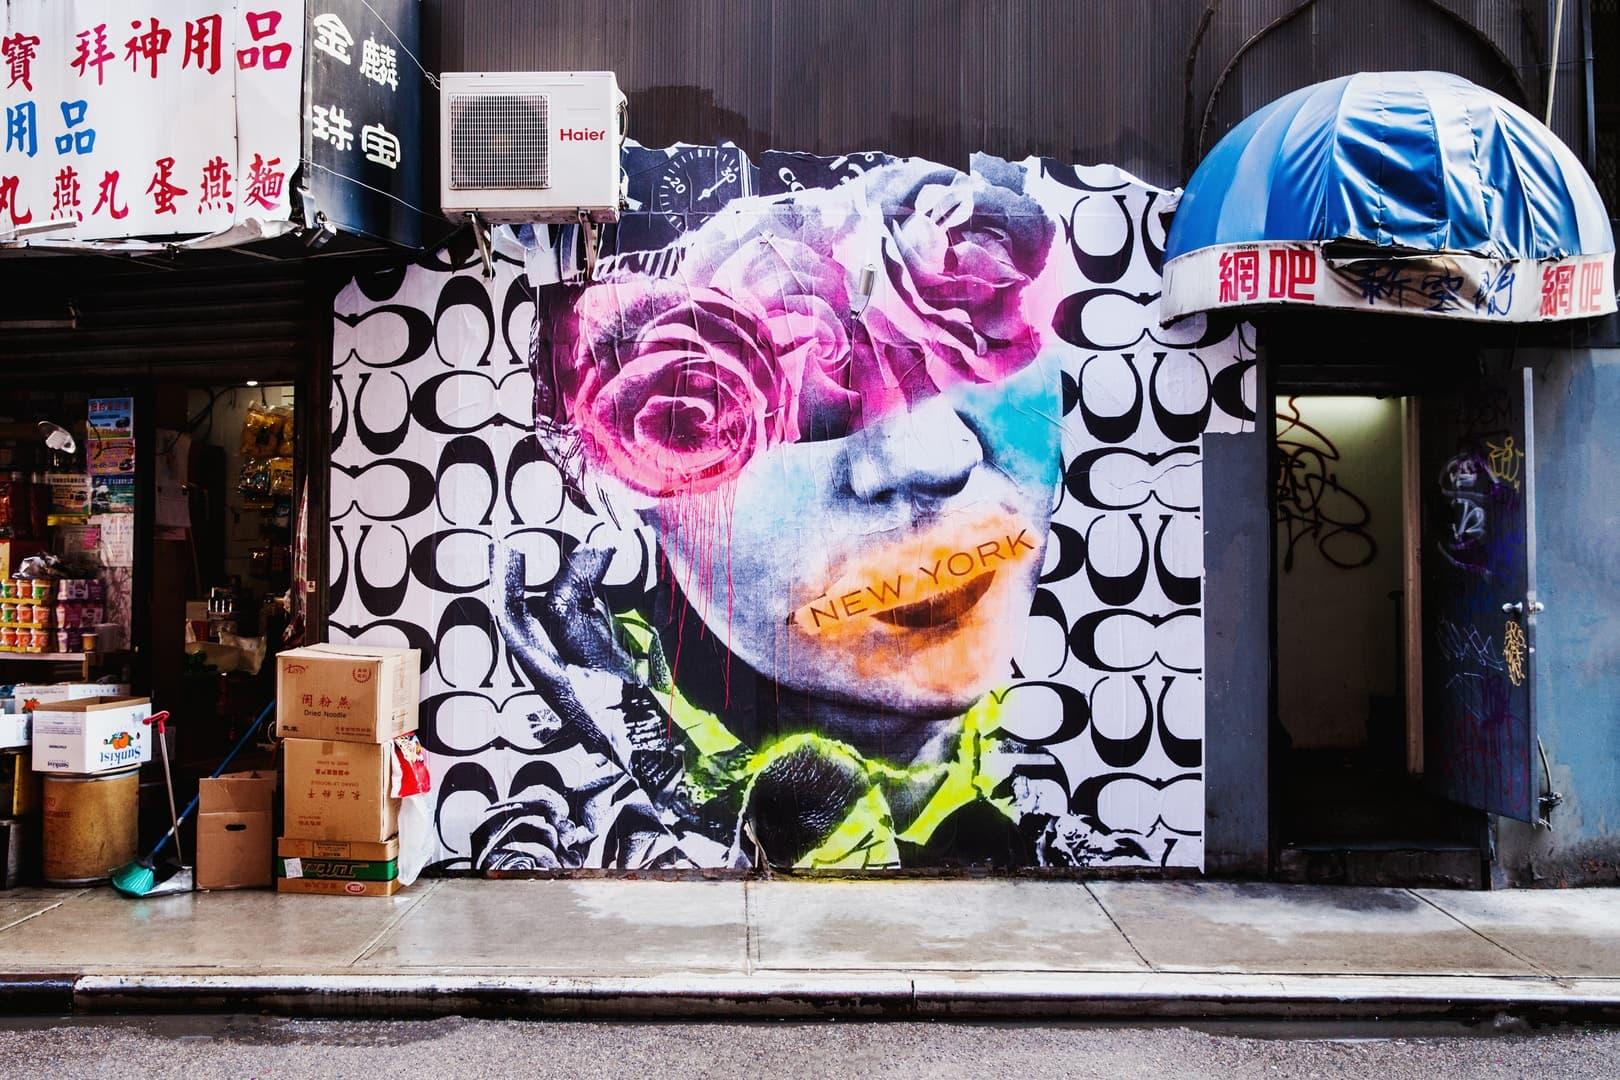 COACH が NY を代表するアーティストたちとコラボし計13点の圧巻の壁画を制作